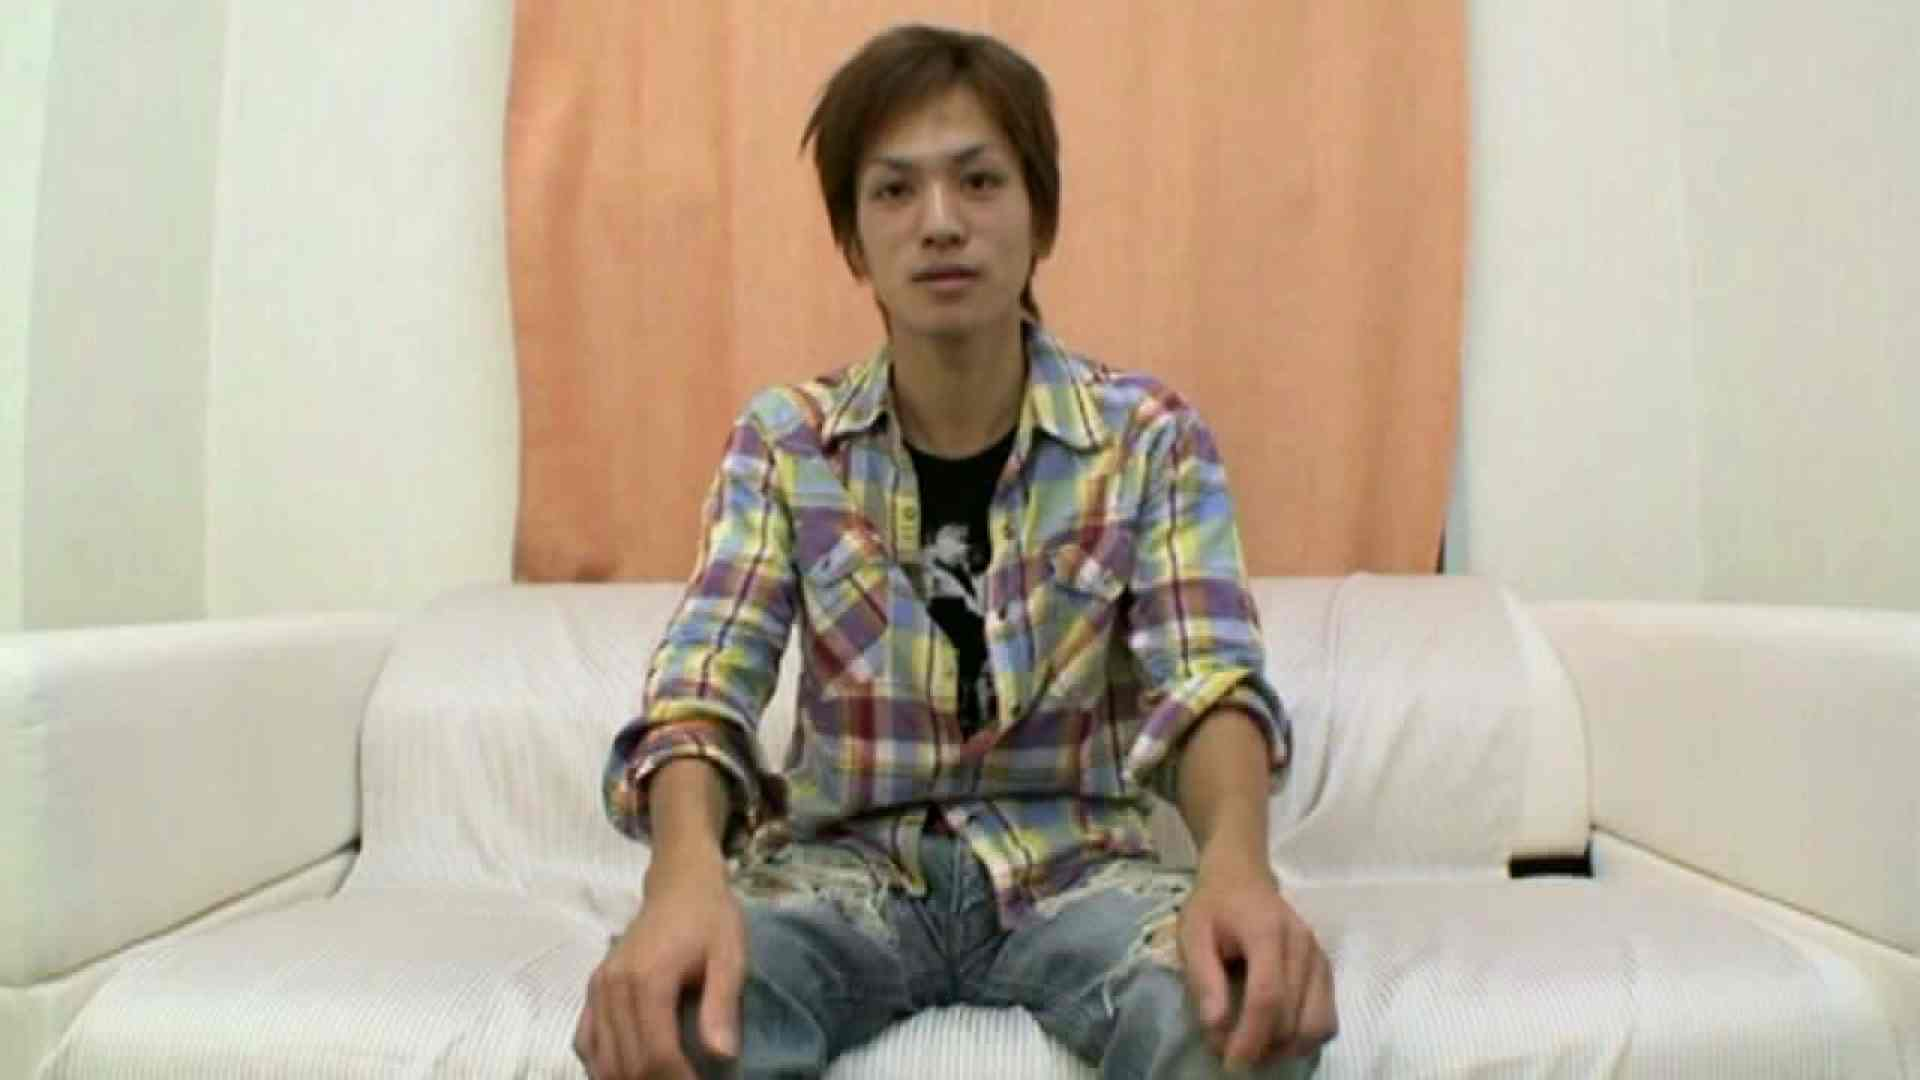 ノンケ!自慰スタジオ No.03 ゲイのオナニー映像  89枚 28